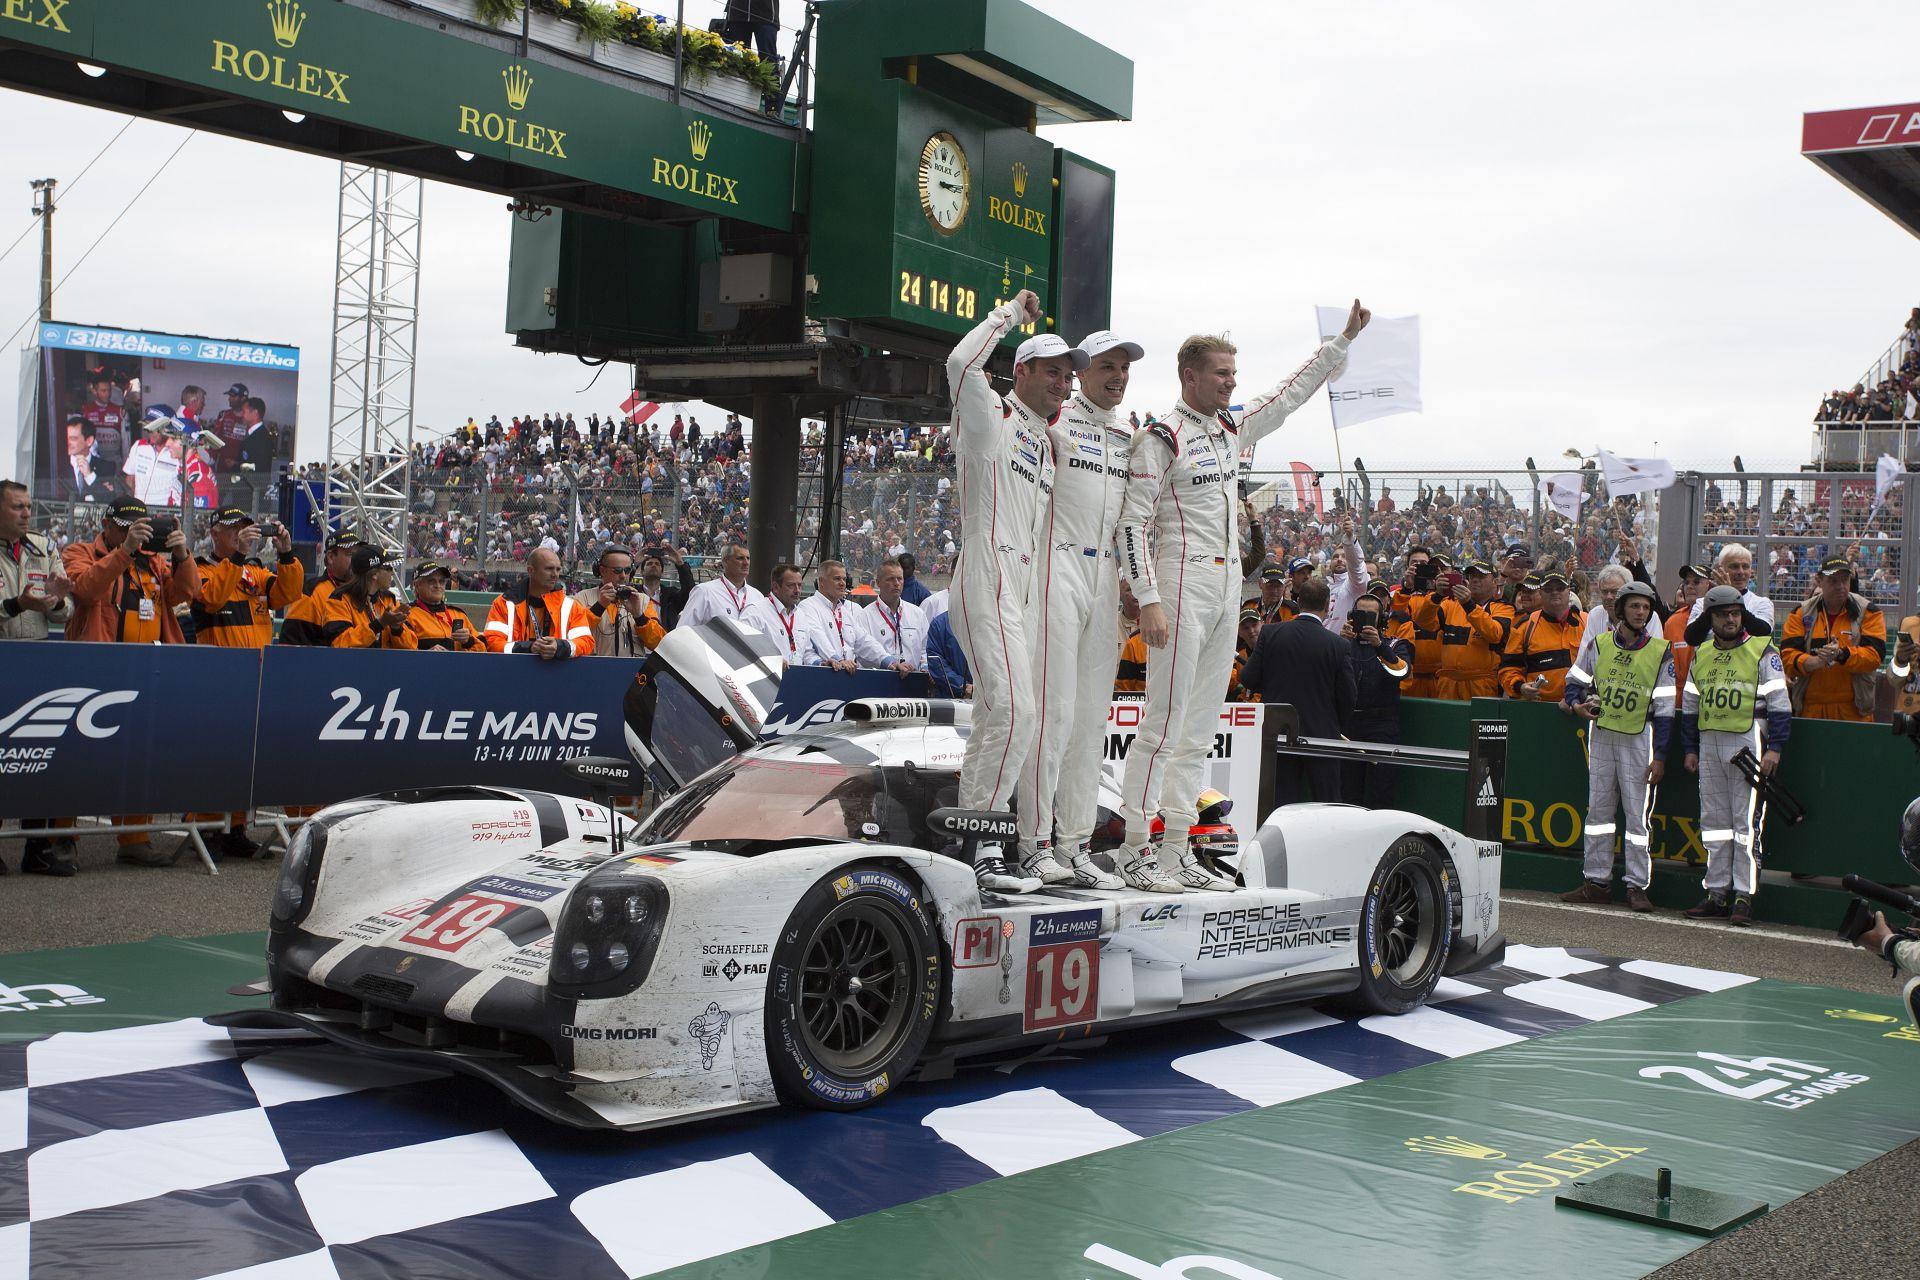 Hülkenberg jövőre megismételné a Le Mans-ban szerzett győzelmét!